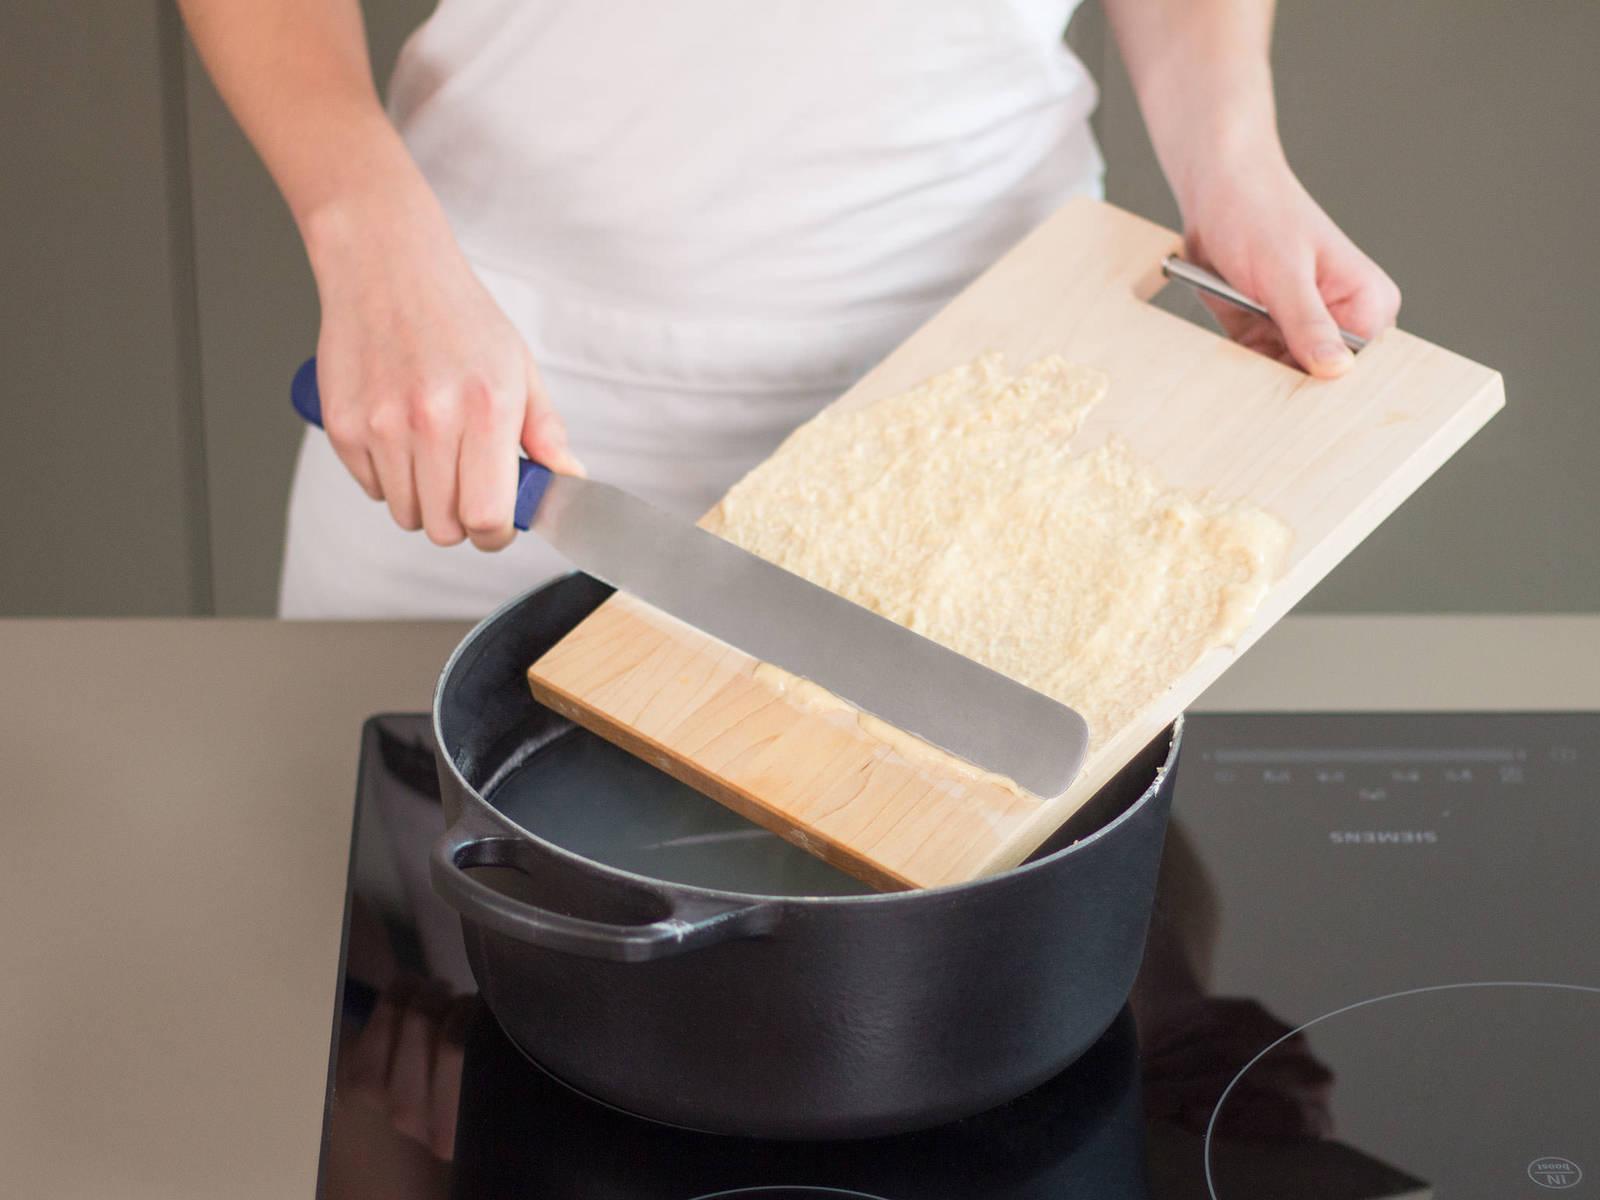 在大平底锅中倒入半锅盐水,中火加热煮沸。用些许煮沸过的盐水擦湿砧板,然后在砧板上将面团拉薄铺平。用点心铲将面团切割成约铅笔宽度的细条。将面条放入水中,煮上1分钟左右或煮至面疙瘩浮上水面。 将煮好的面疙瘩置于冰水中冷却20秒,然后倒入滤盆滤干水分。